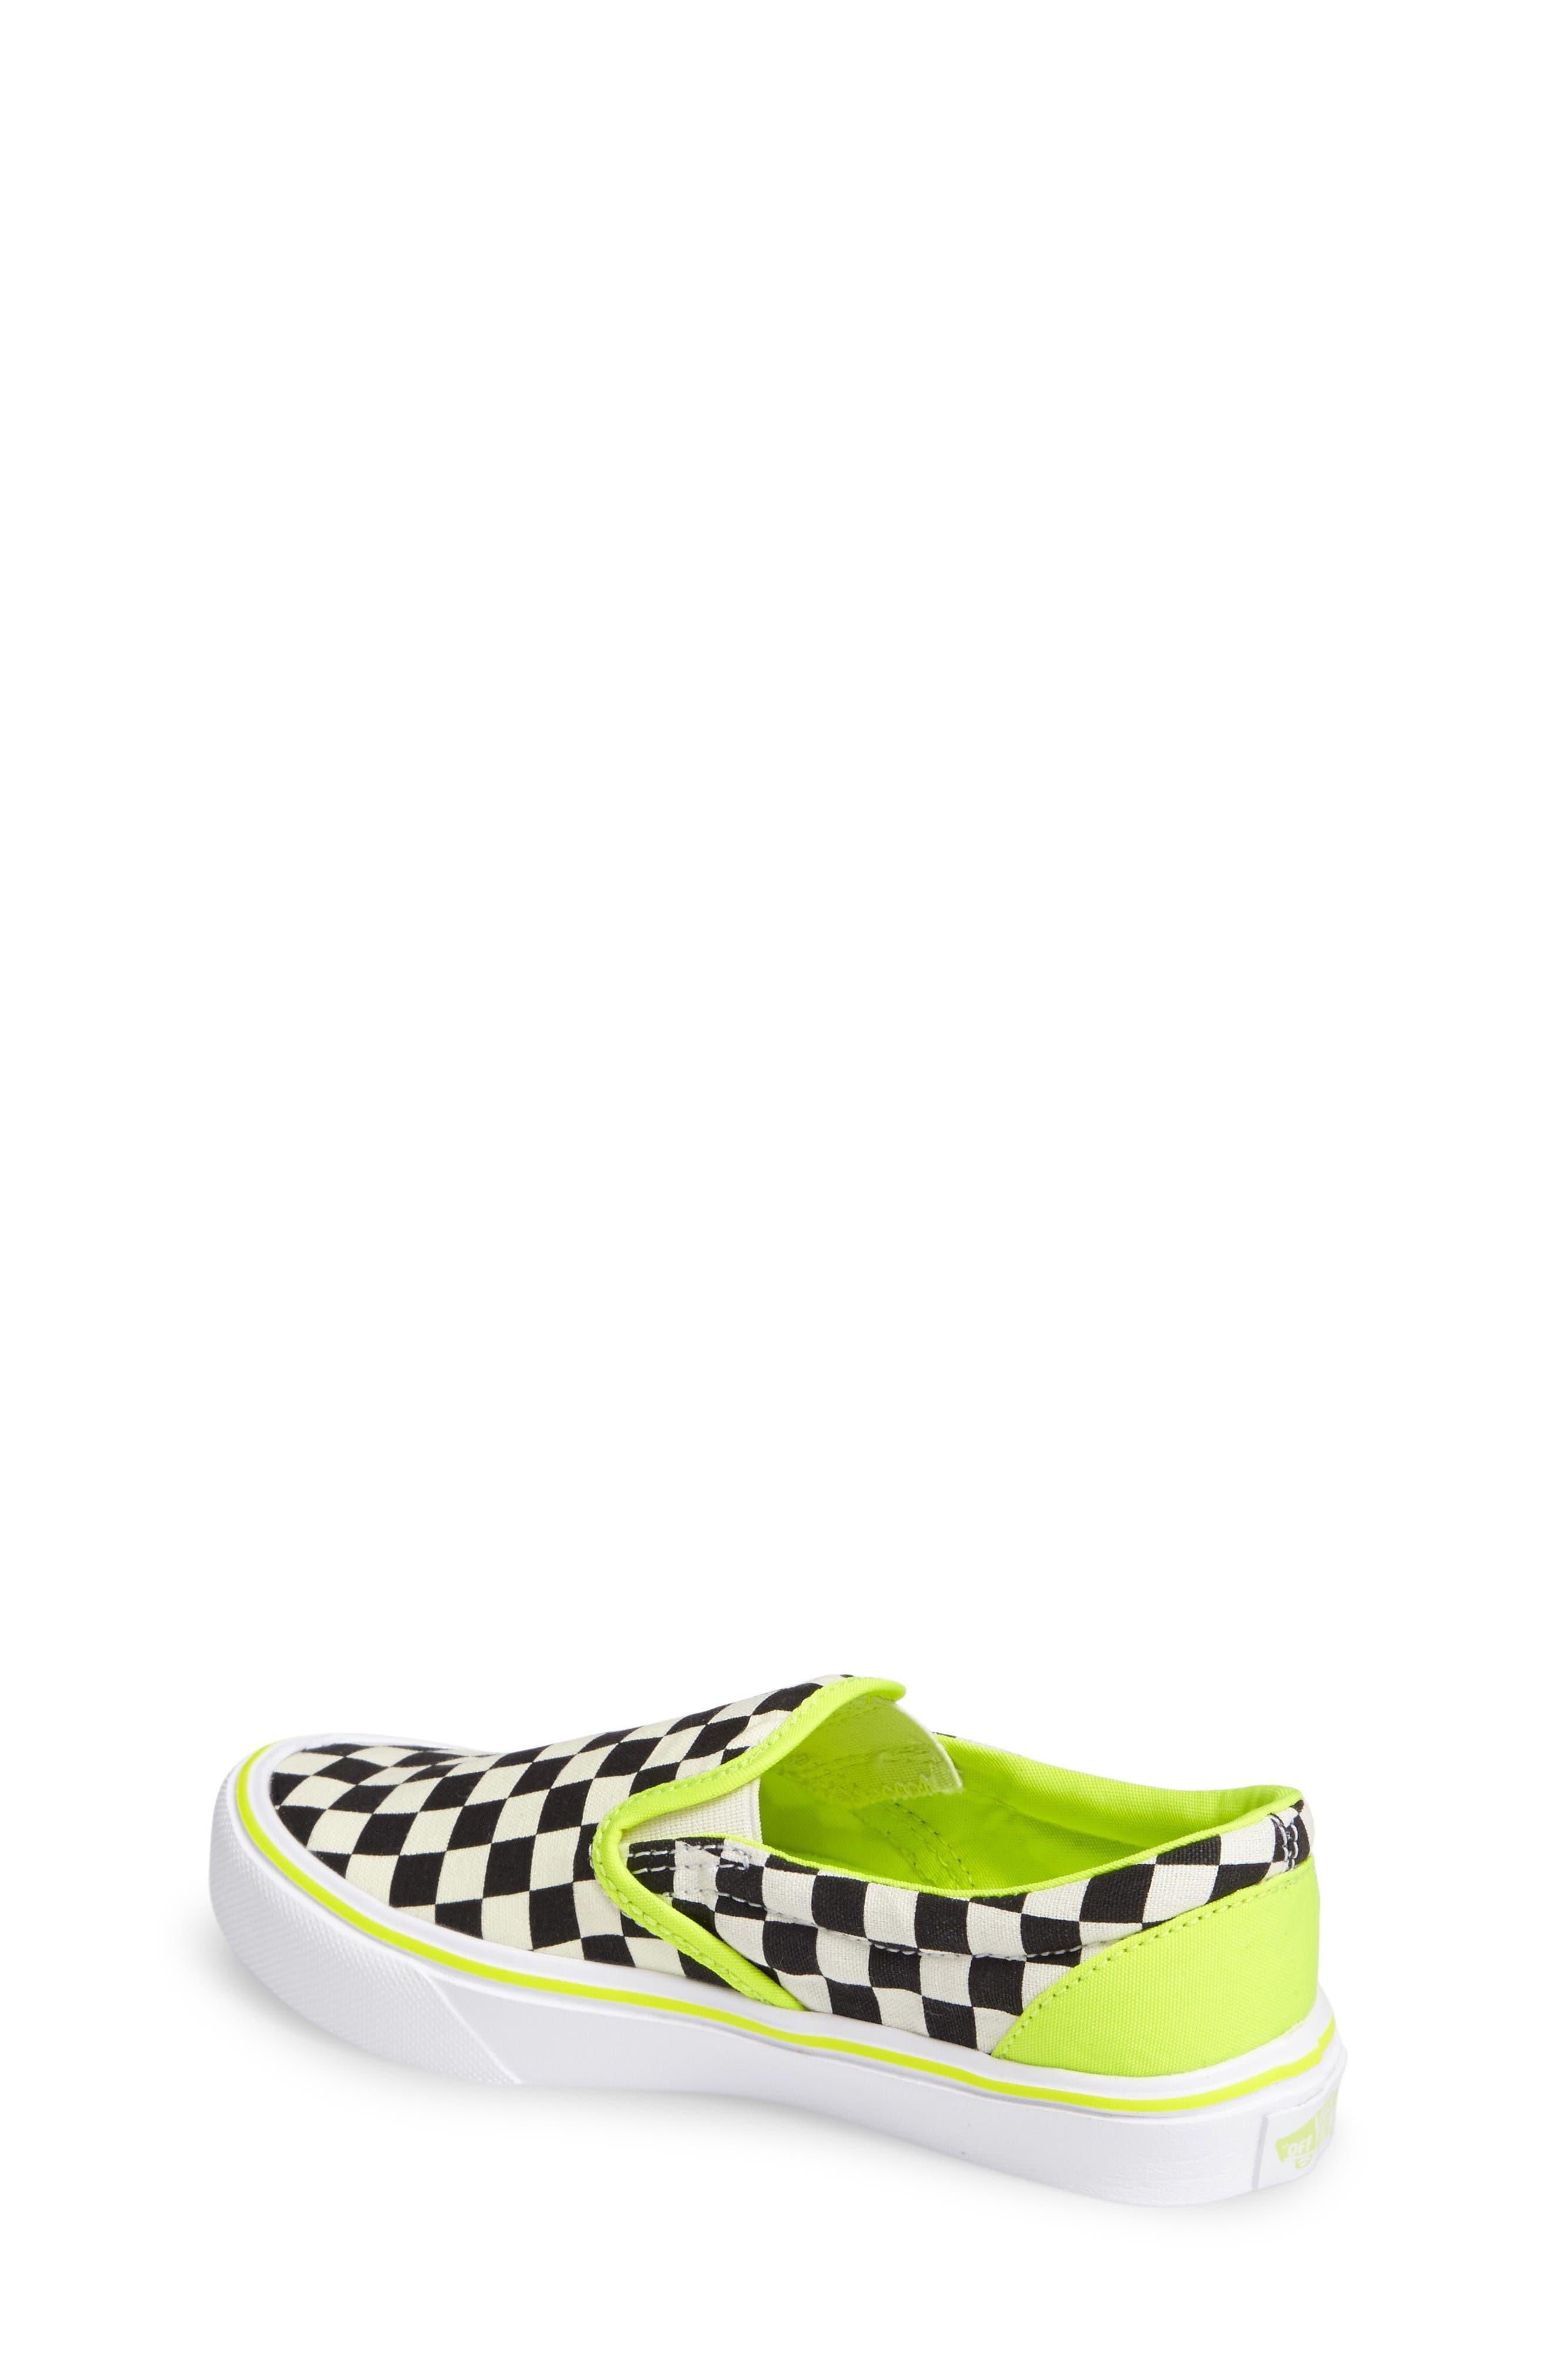 Alternate Image 2  - Vans Classic Freshness Slip-On Lite Sneaker (Toddler, Little Kid & Big Kid)